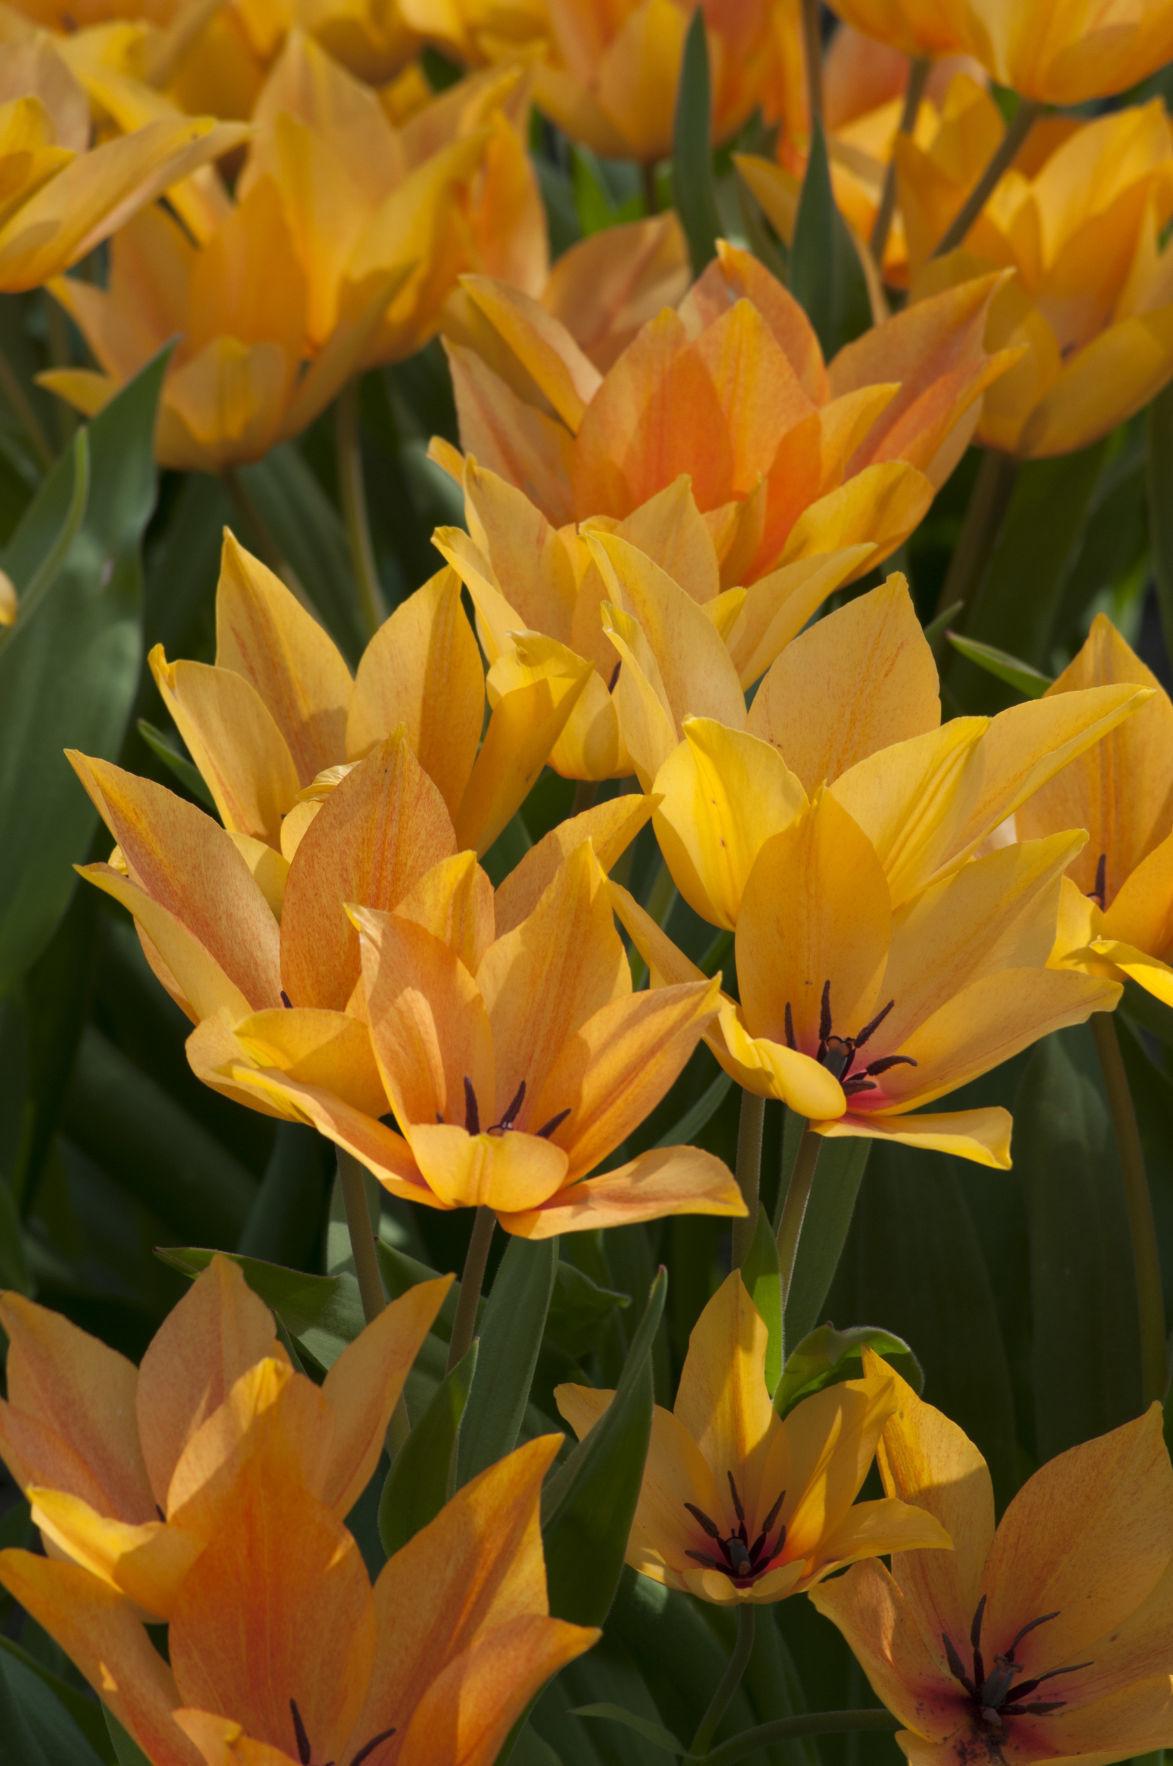 Tulipa praestans 'Shogun' - Species or Wild Tulip